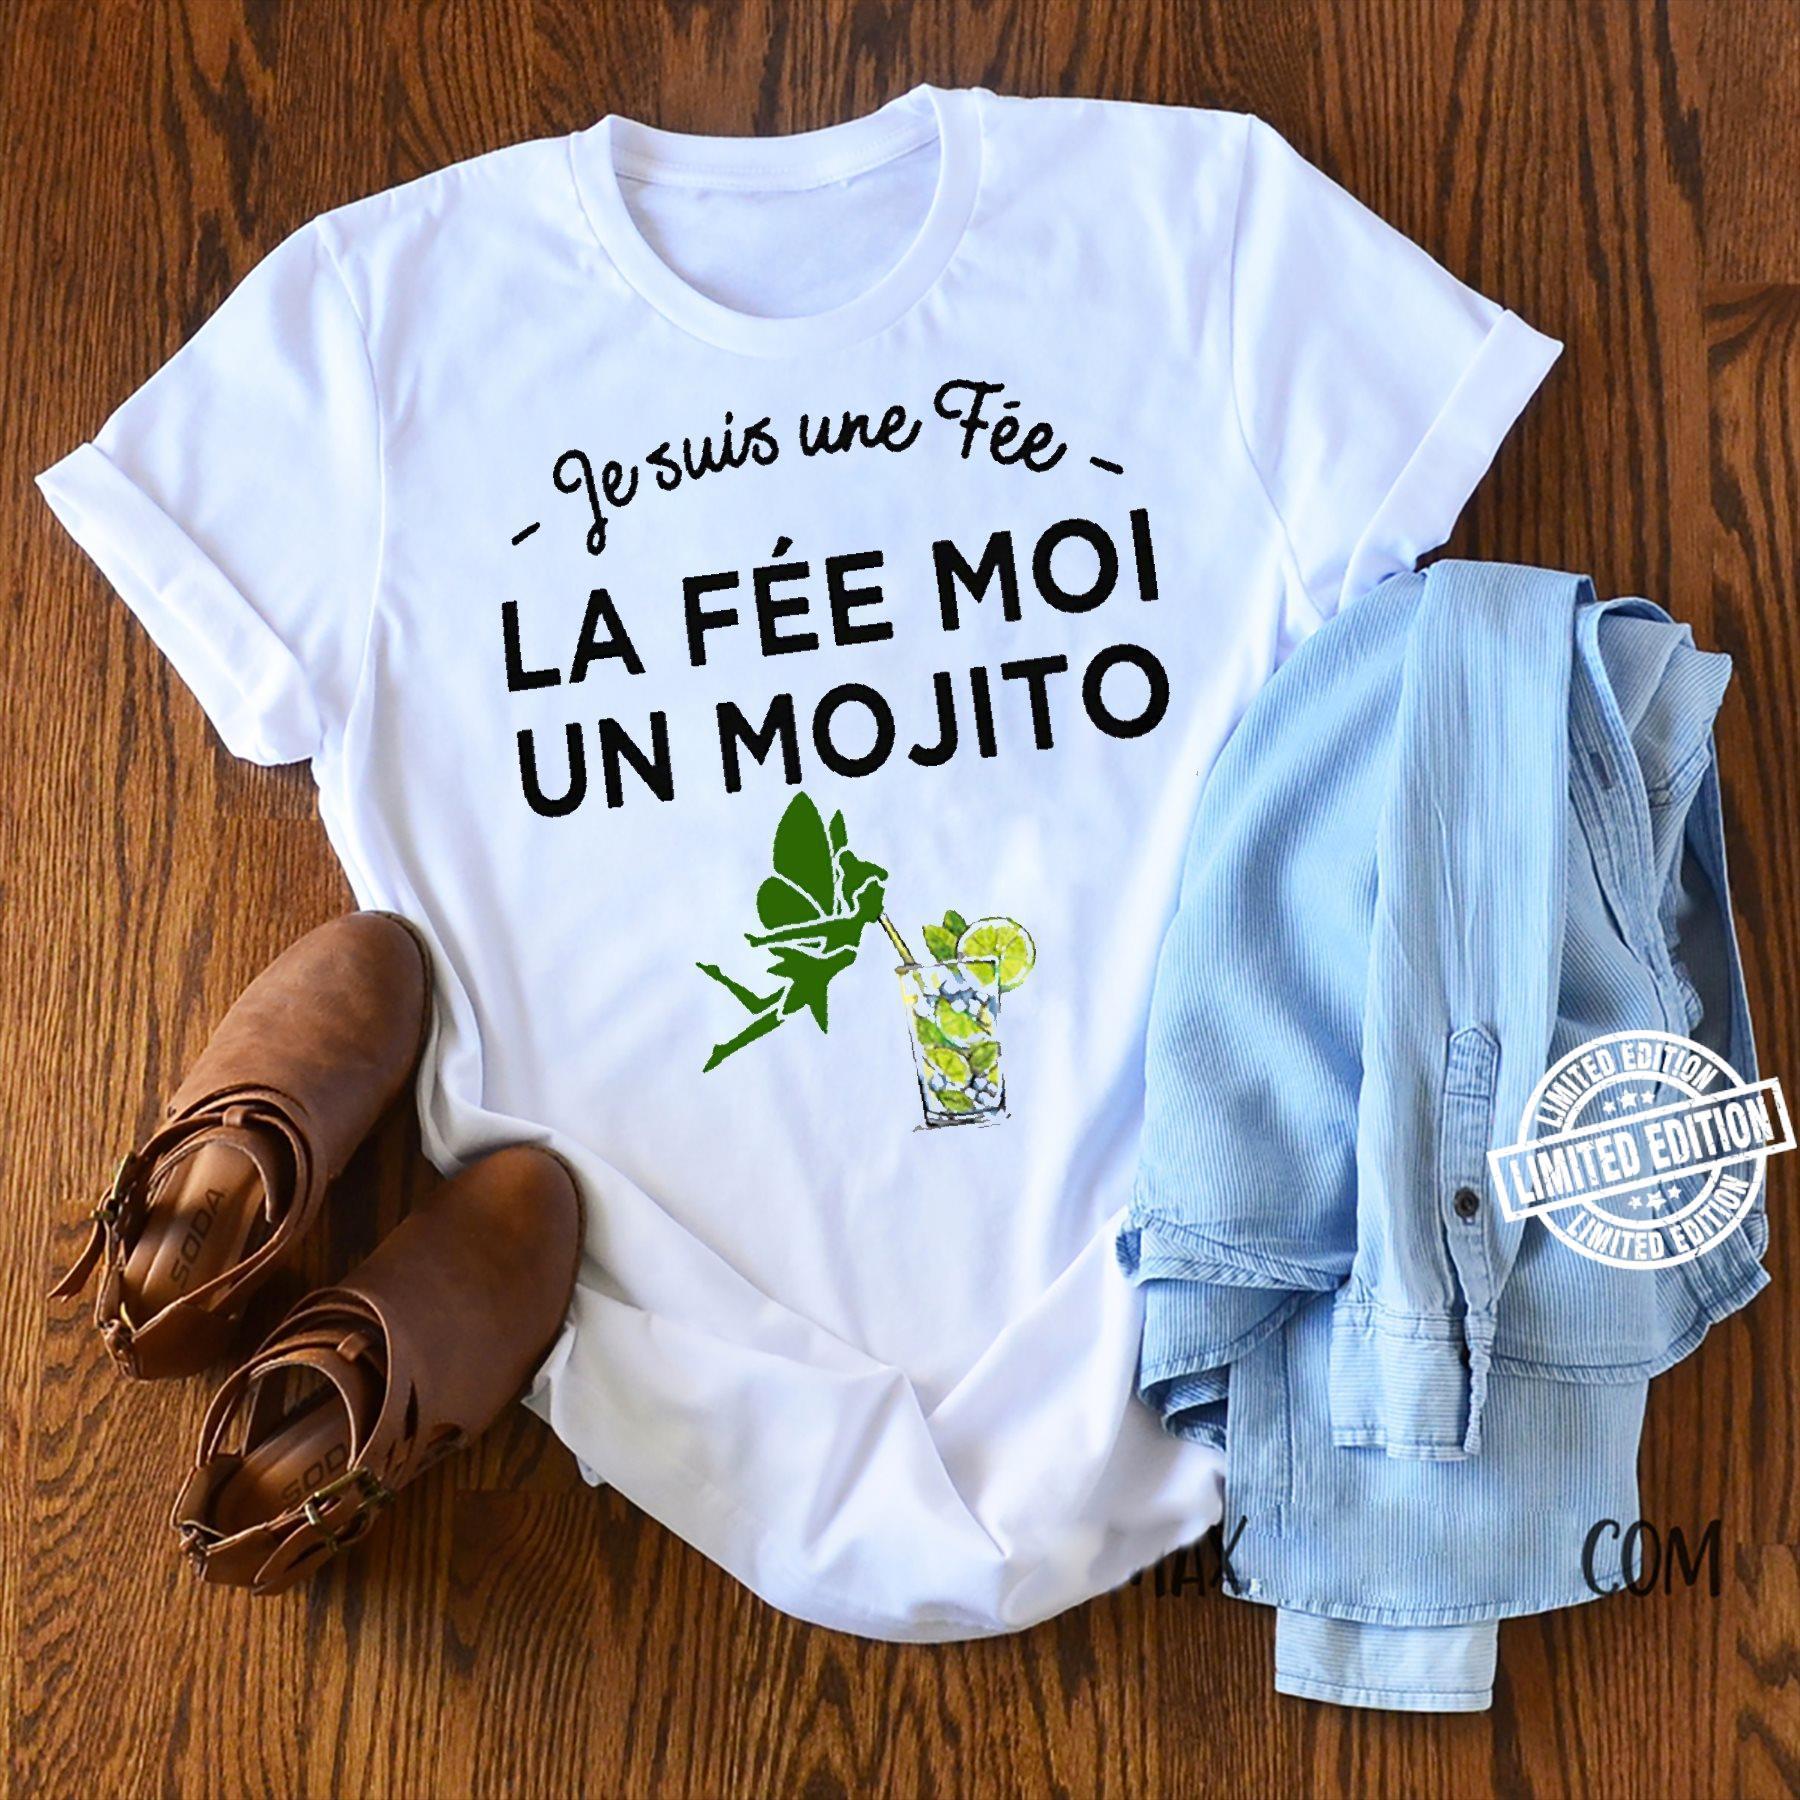 Je suis une fee la fee moi un mojito shirt